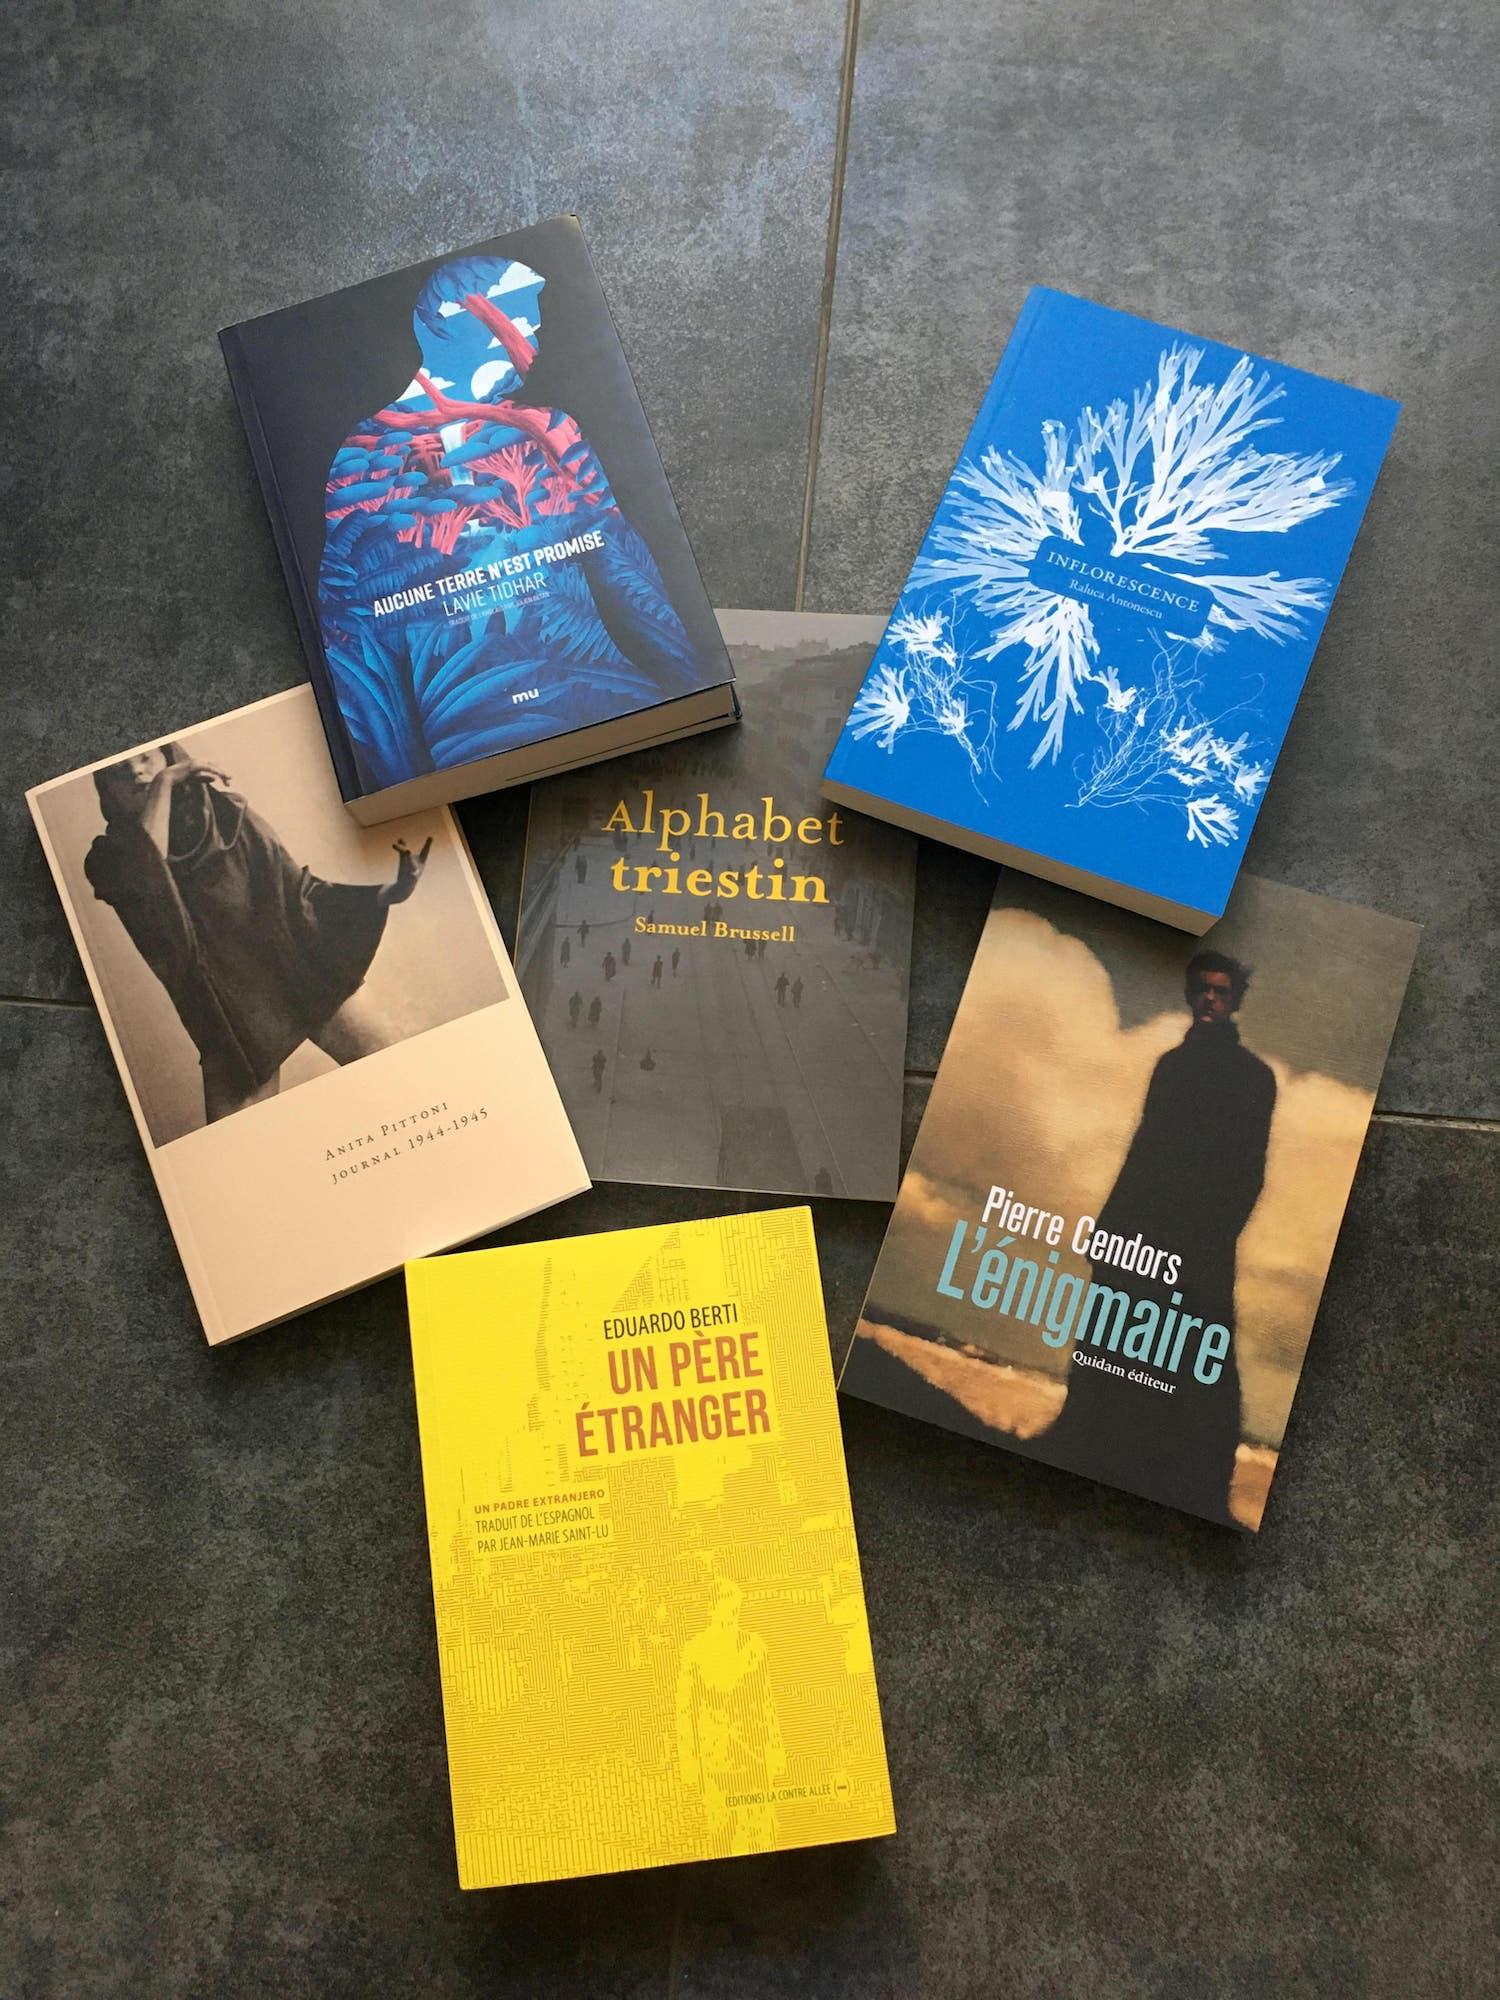 Un Livre a Soi, Agence de communication et conseil créée en 2019 par Aurélie Serfaty-Bercoff.